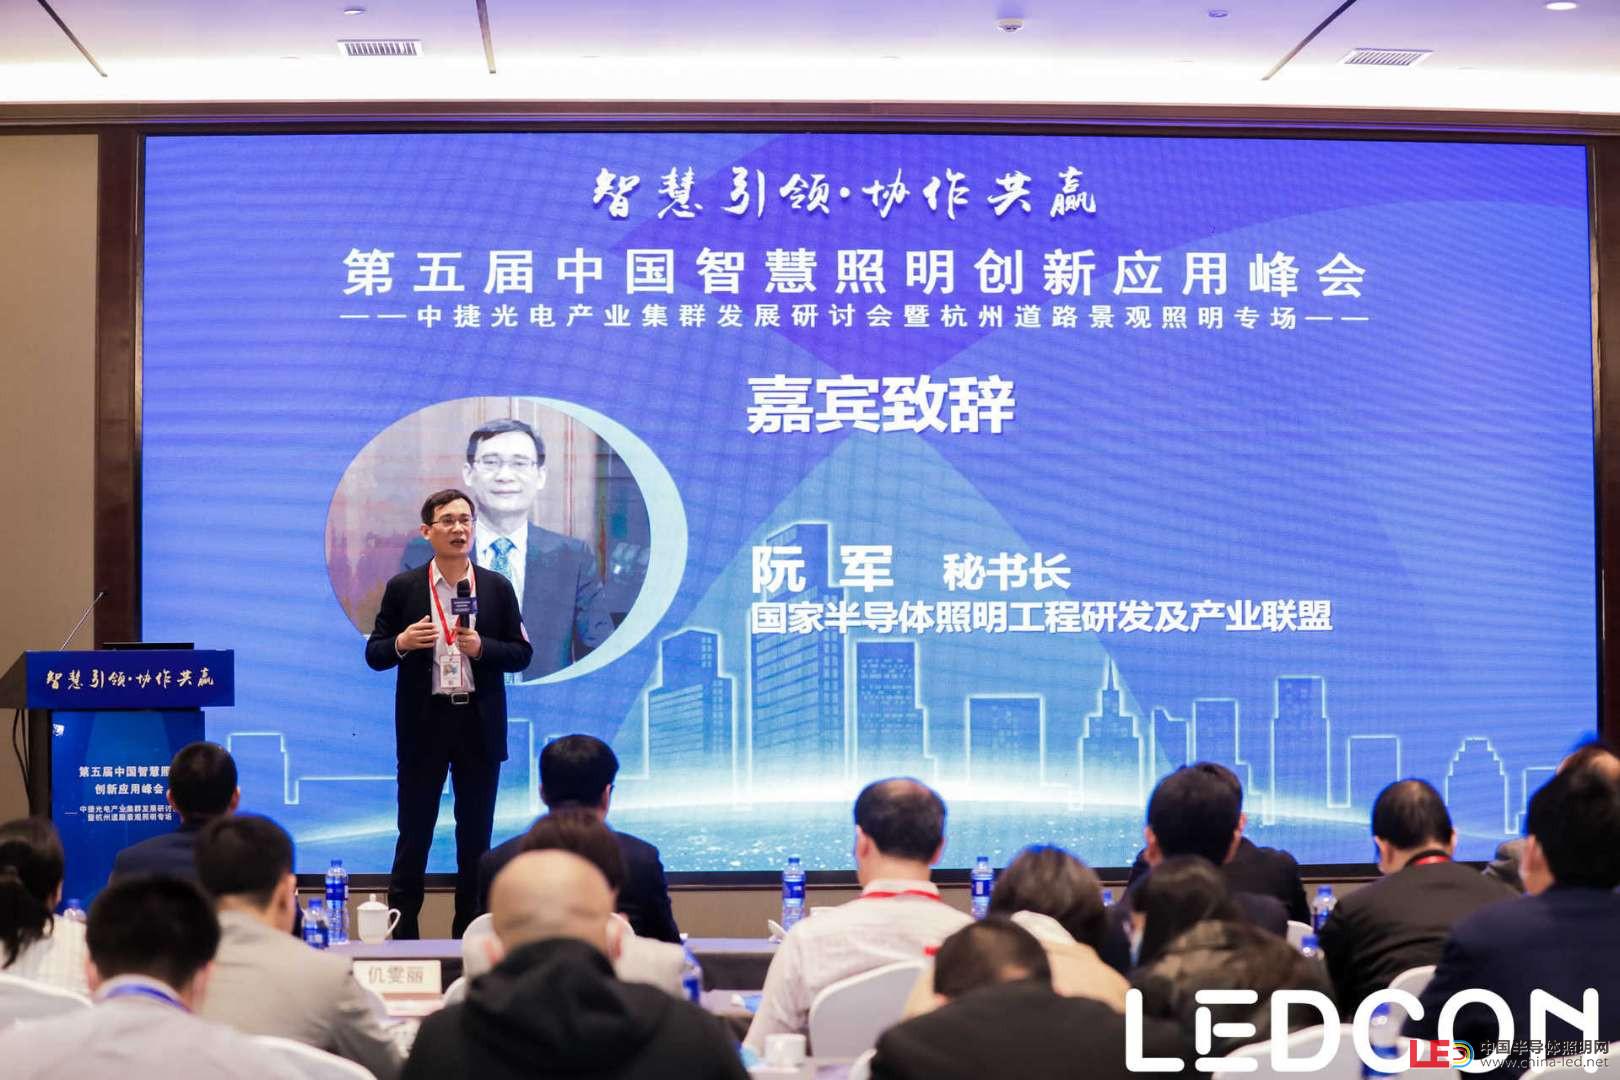 第五届中国智慧照明创新应用峰会--中捷光电产业集群发展研讨会暨杭州道路景观照明专场